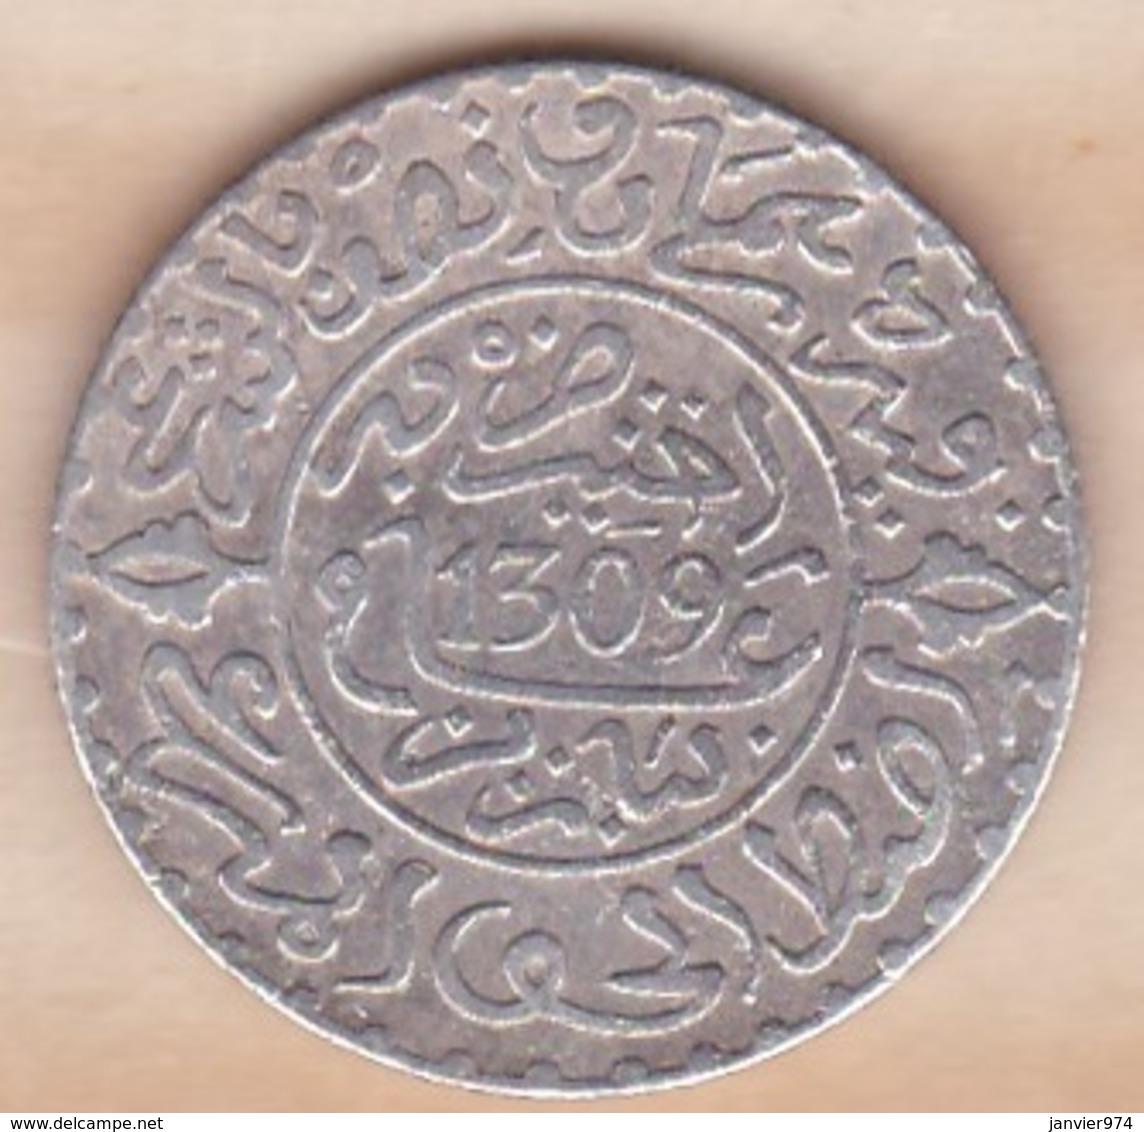 Maroc. 2 1/2 Dirhams (1/4 Rial) AH 1309 Paris. Hassan I , En Argent - Maroc